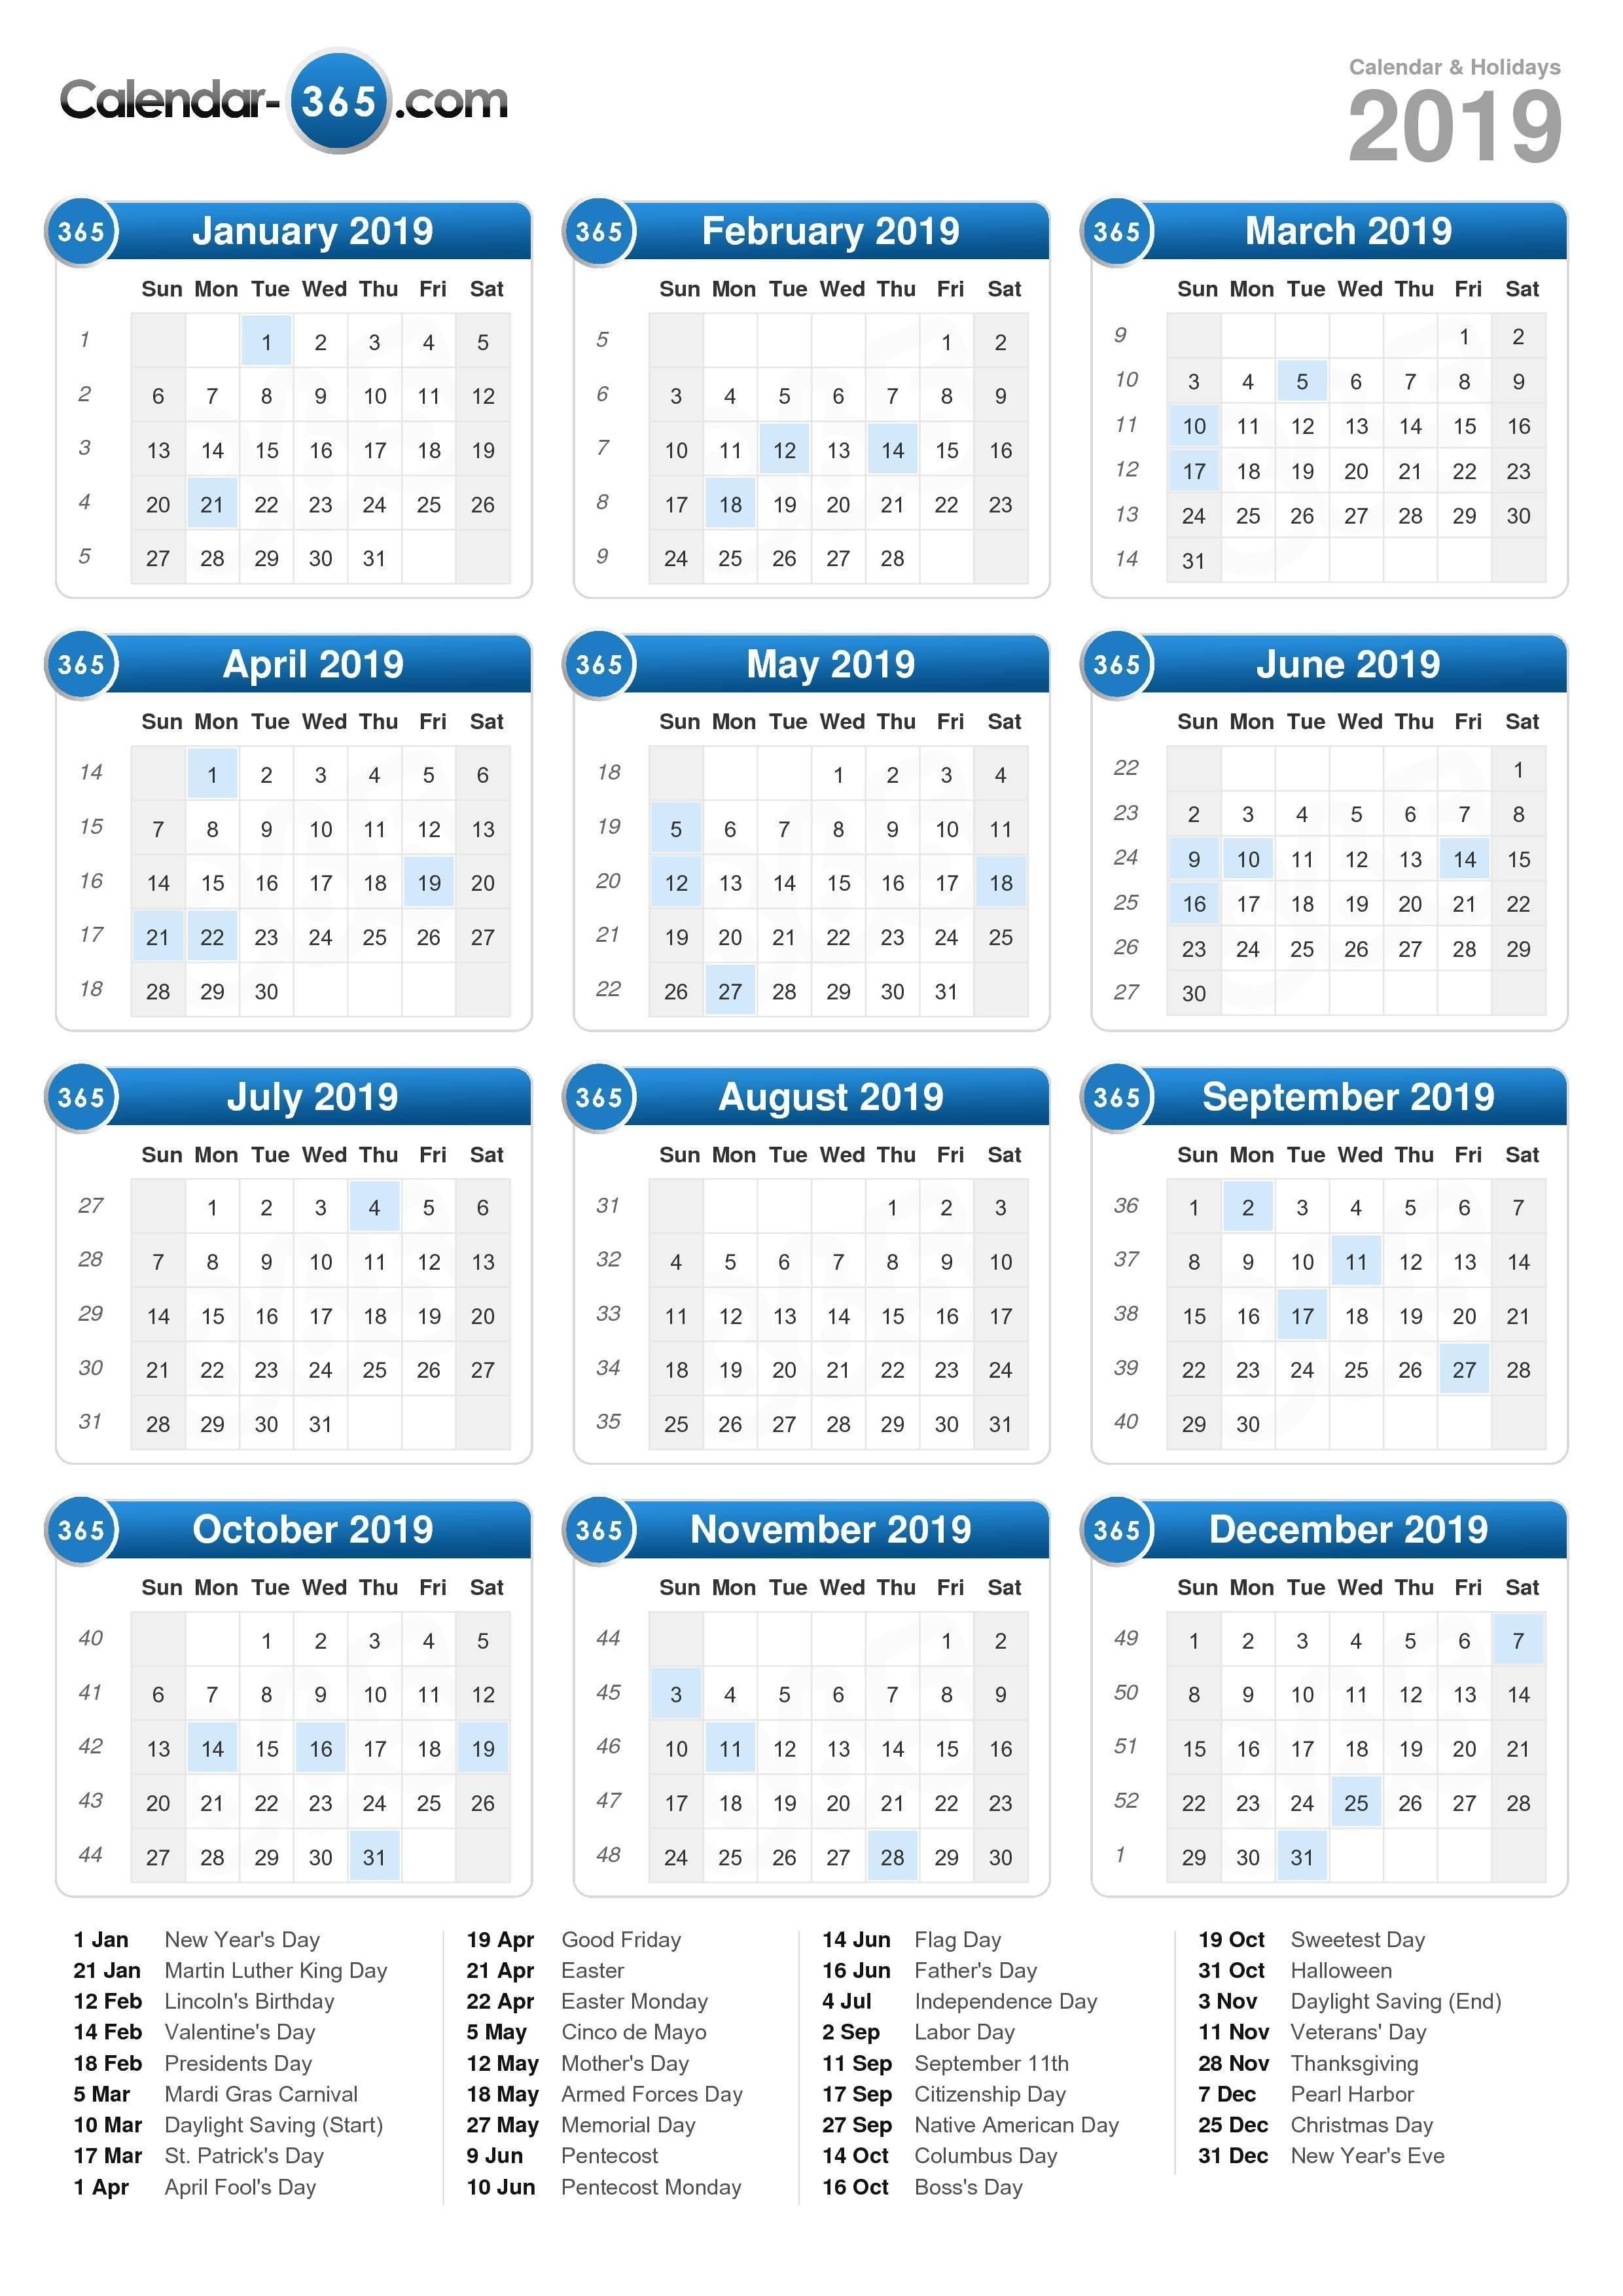 2019 Calendar Calendar 2019 Holidays List